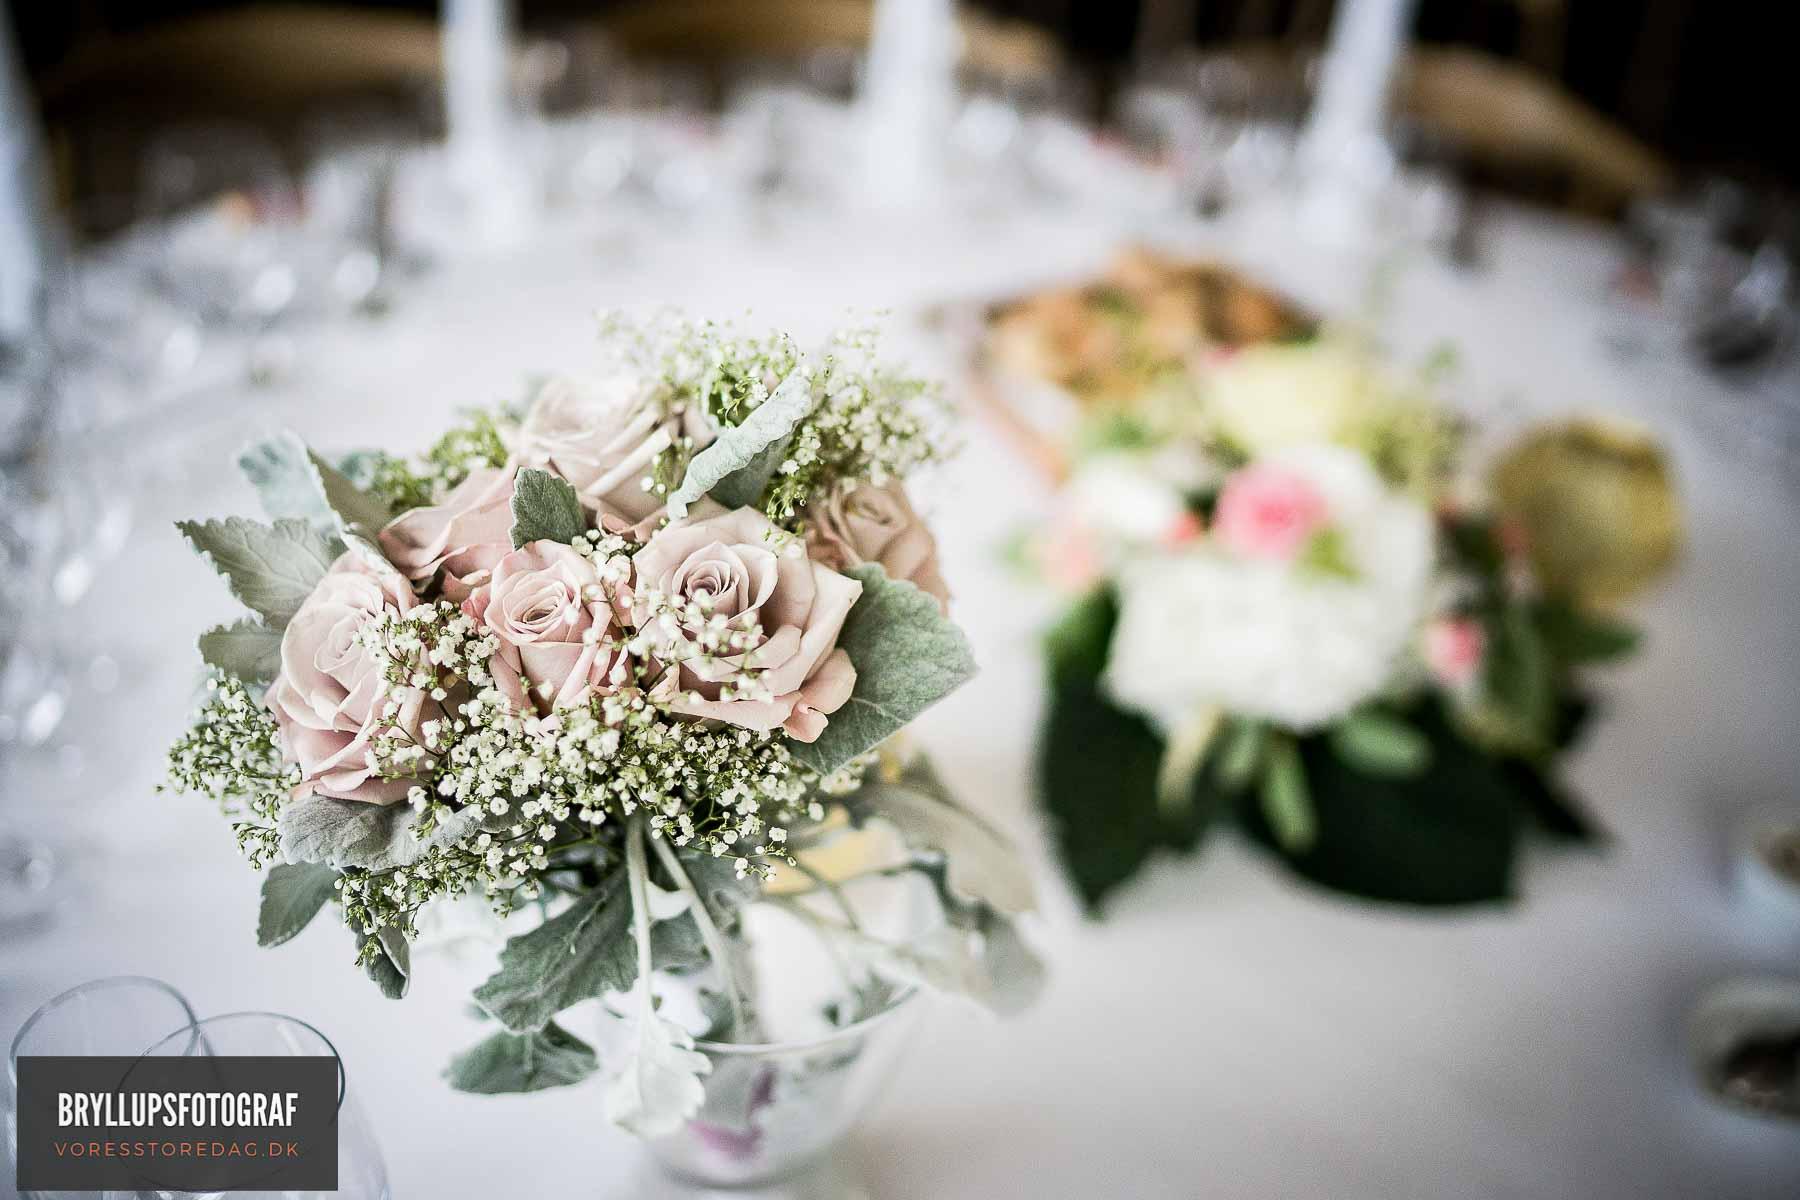 Mange brudepar vælger idag at få en professionel fotograf